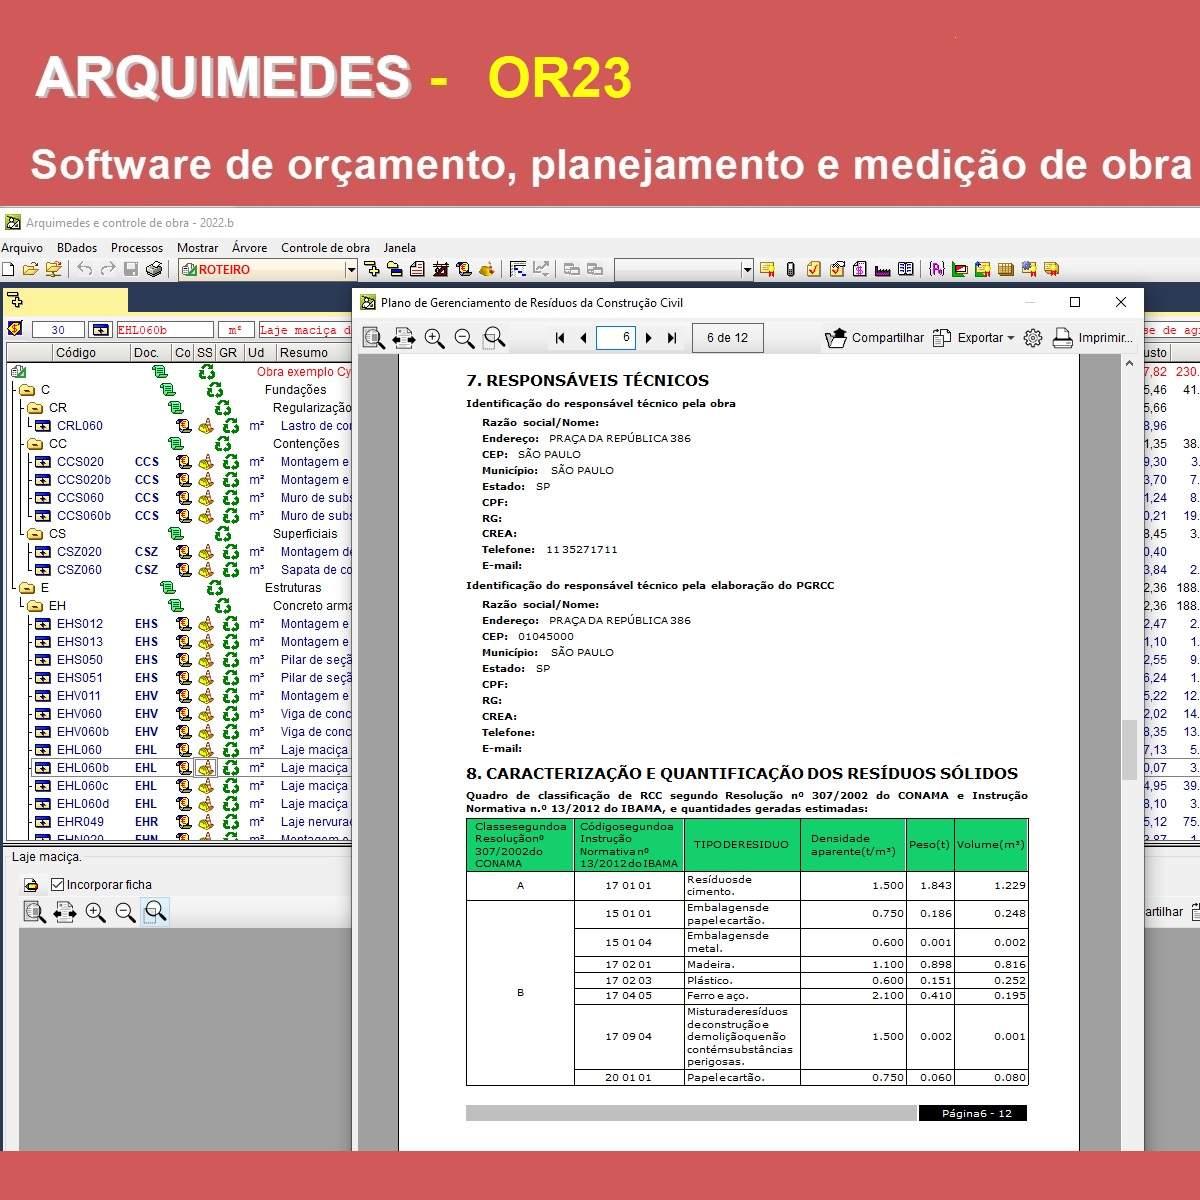 Software Arquimedes OR23 versão 2022 (Licença Eletrônica) incluindo Orçamento, Planejamento, Medição de Obras, Conexão com o Gerador de preços REFORMAS e PGRCC-Gestão de Resíduos da Construção Civil  - MULTIPLUS SOFTWARES